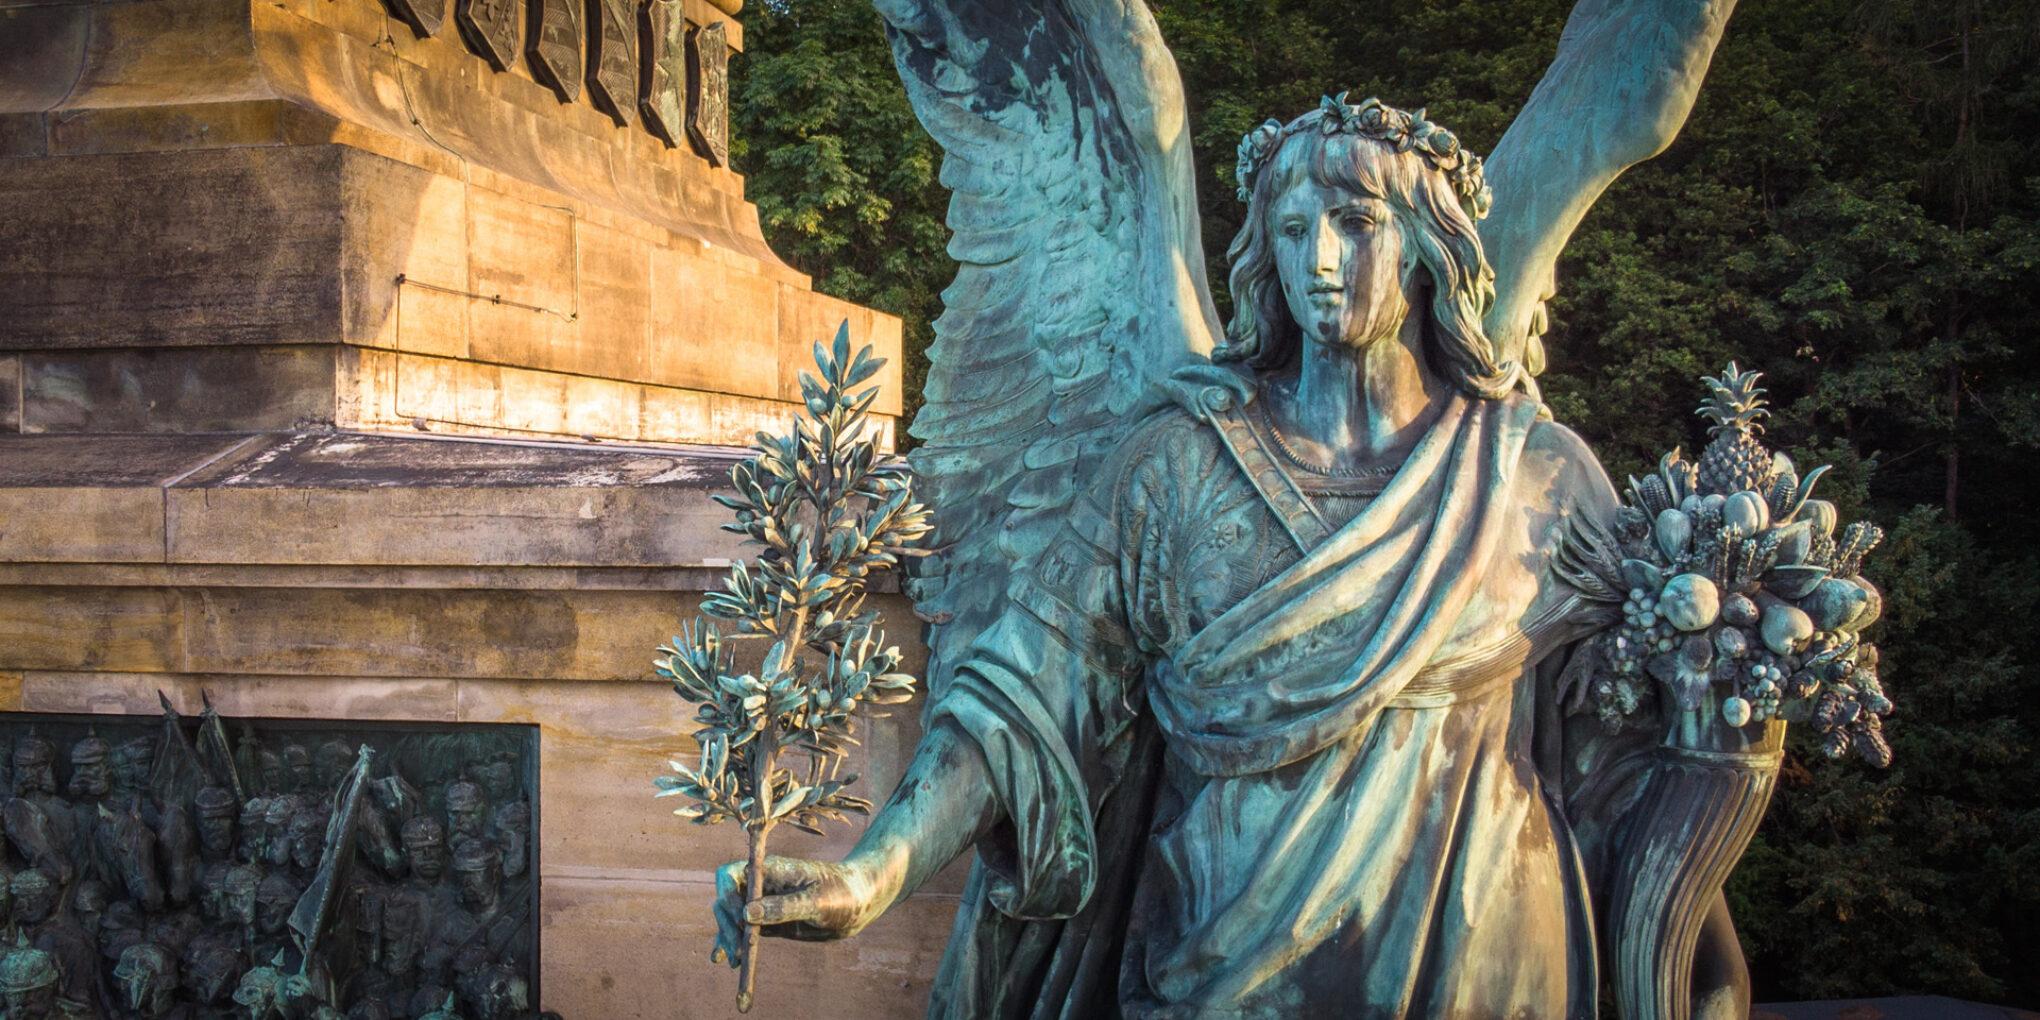 Niederwalddenkmal, Friedensfigur